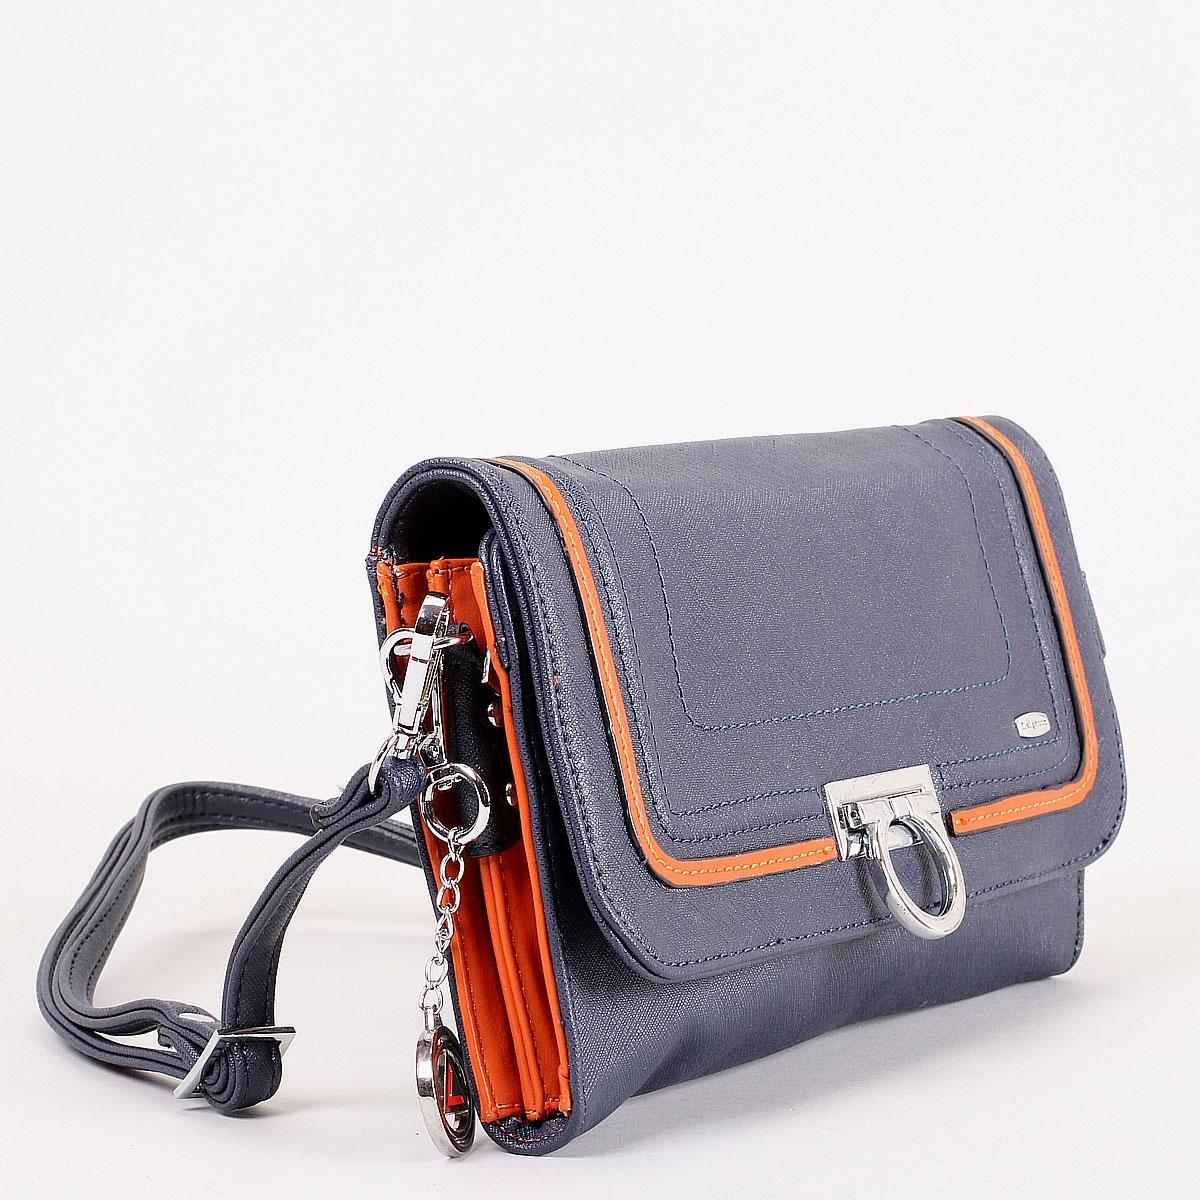 """Клатч """"Leighton"""", цвет: синий, оранжевый. 570306-3769 ( 570306-3769/4/1166/813 )"""